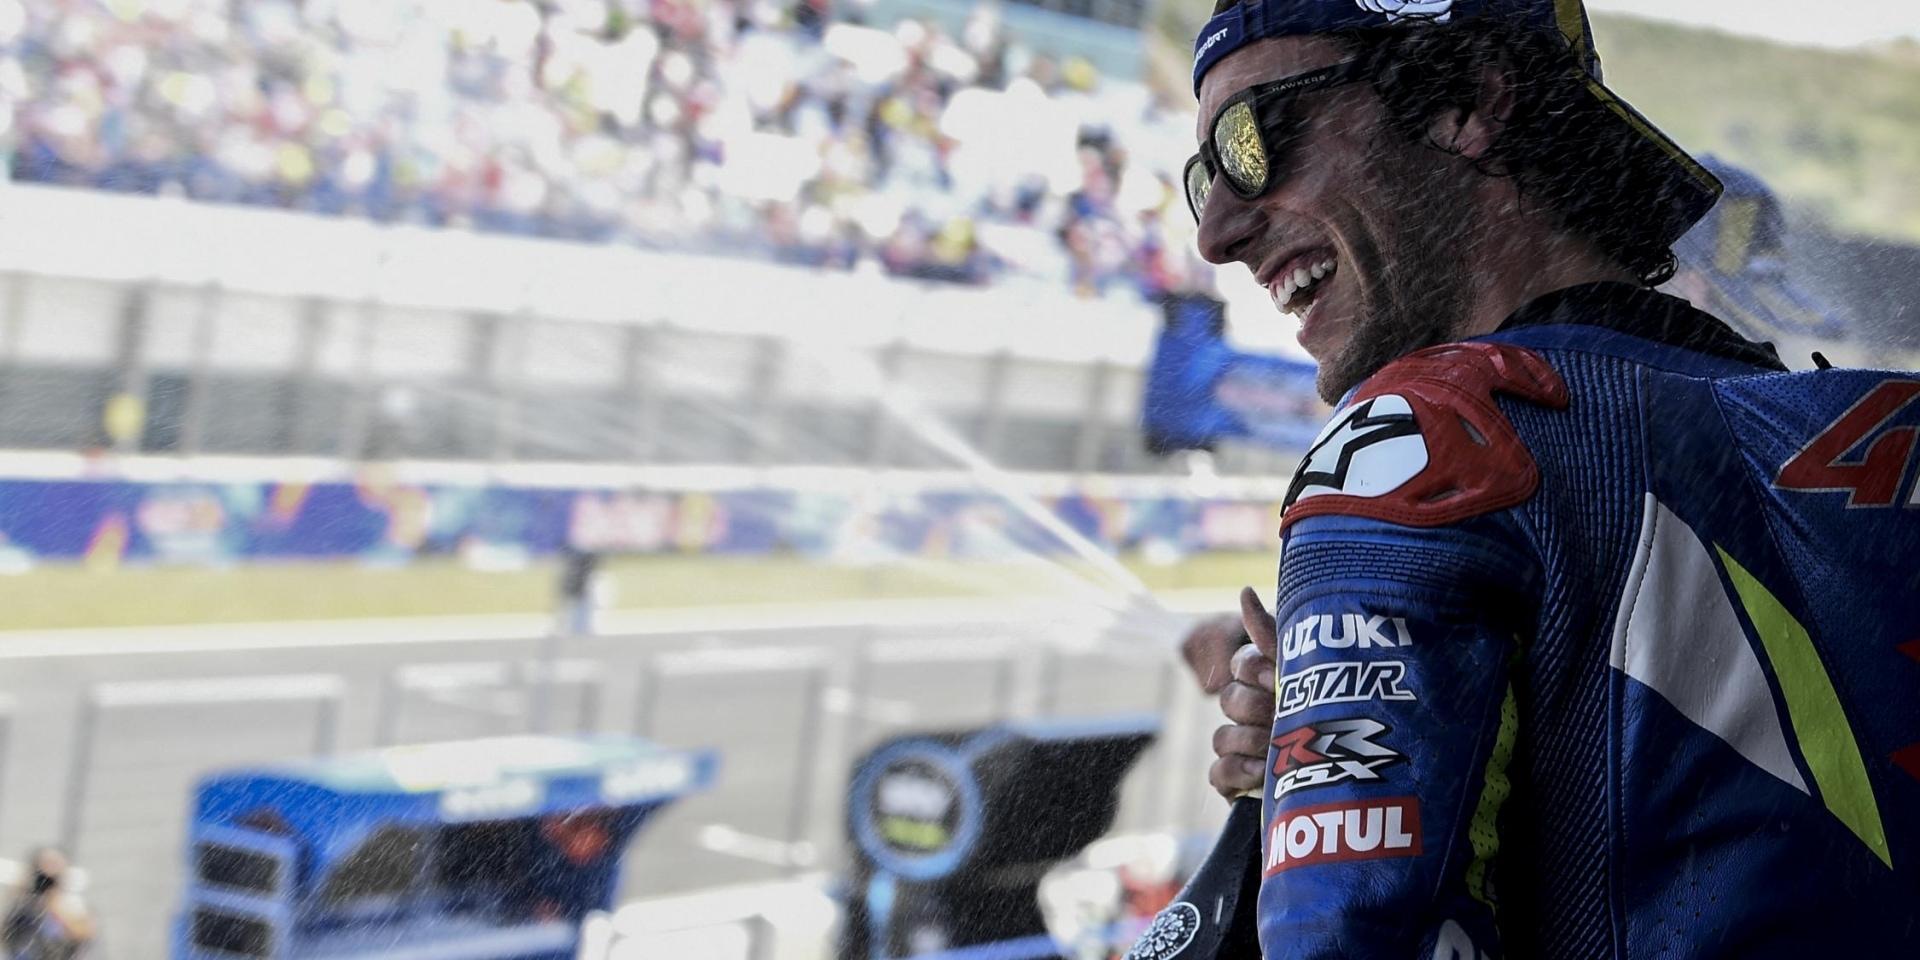 年度積分洗牌!Marc Marquez:Alex Rins在沒有壓力的情況下強勢角逐世界冠軍!